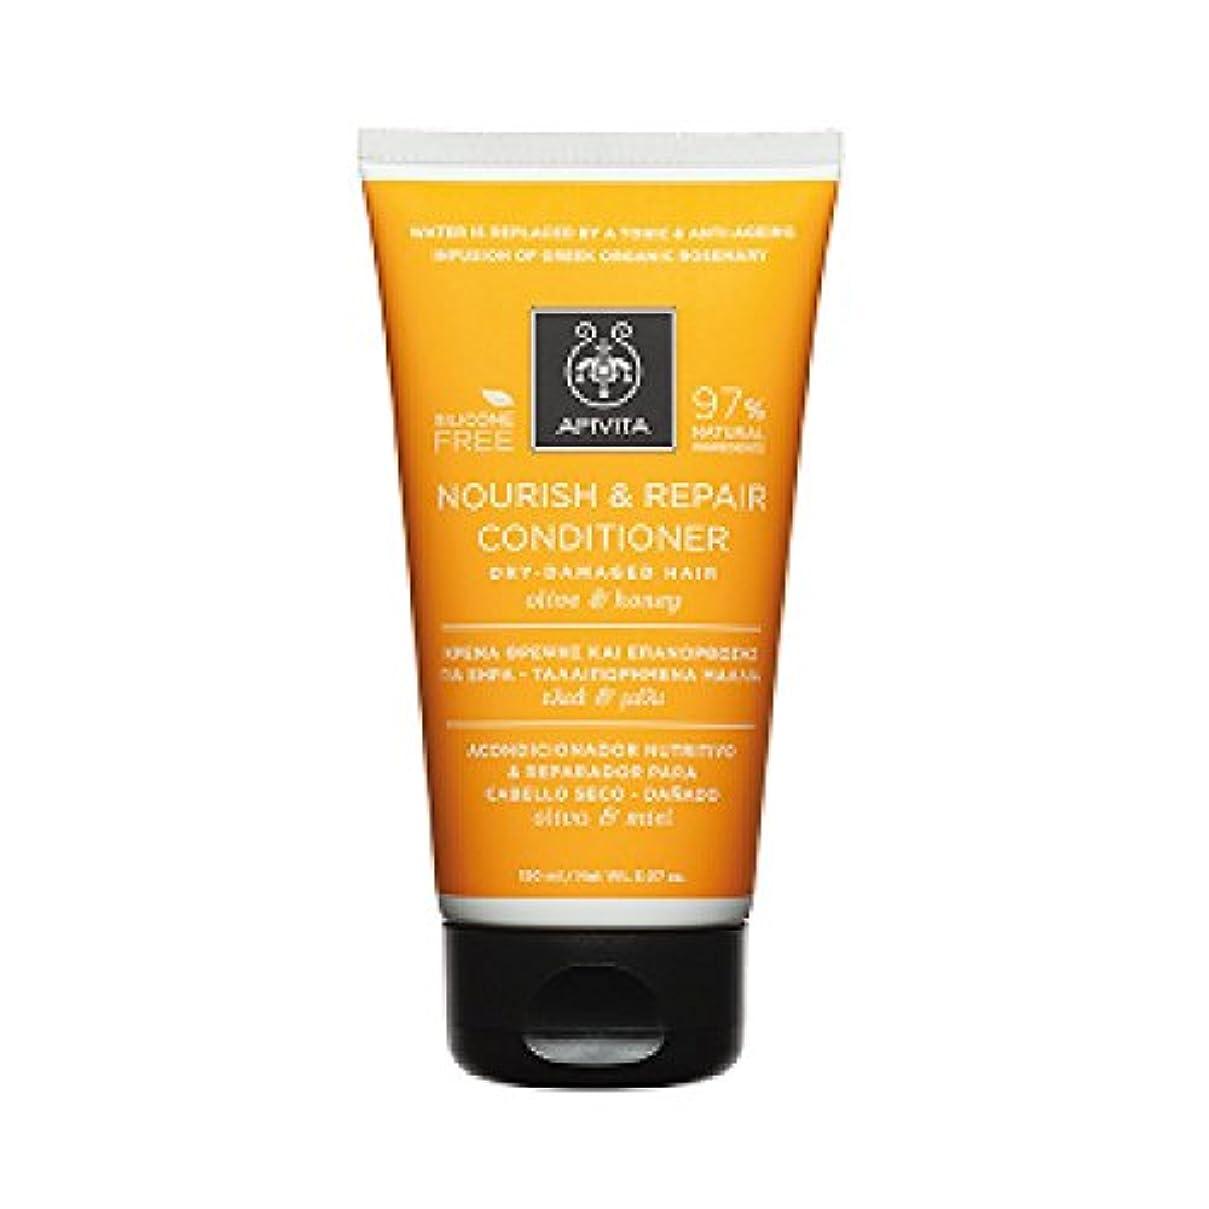 アフリカ人オープニング制限するアピヴィータ Nourish & Repair Conditioner with Olive & Honey (For Dry-Damaged Hair) 150ml [並行輸入品]